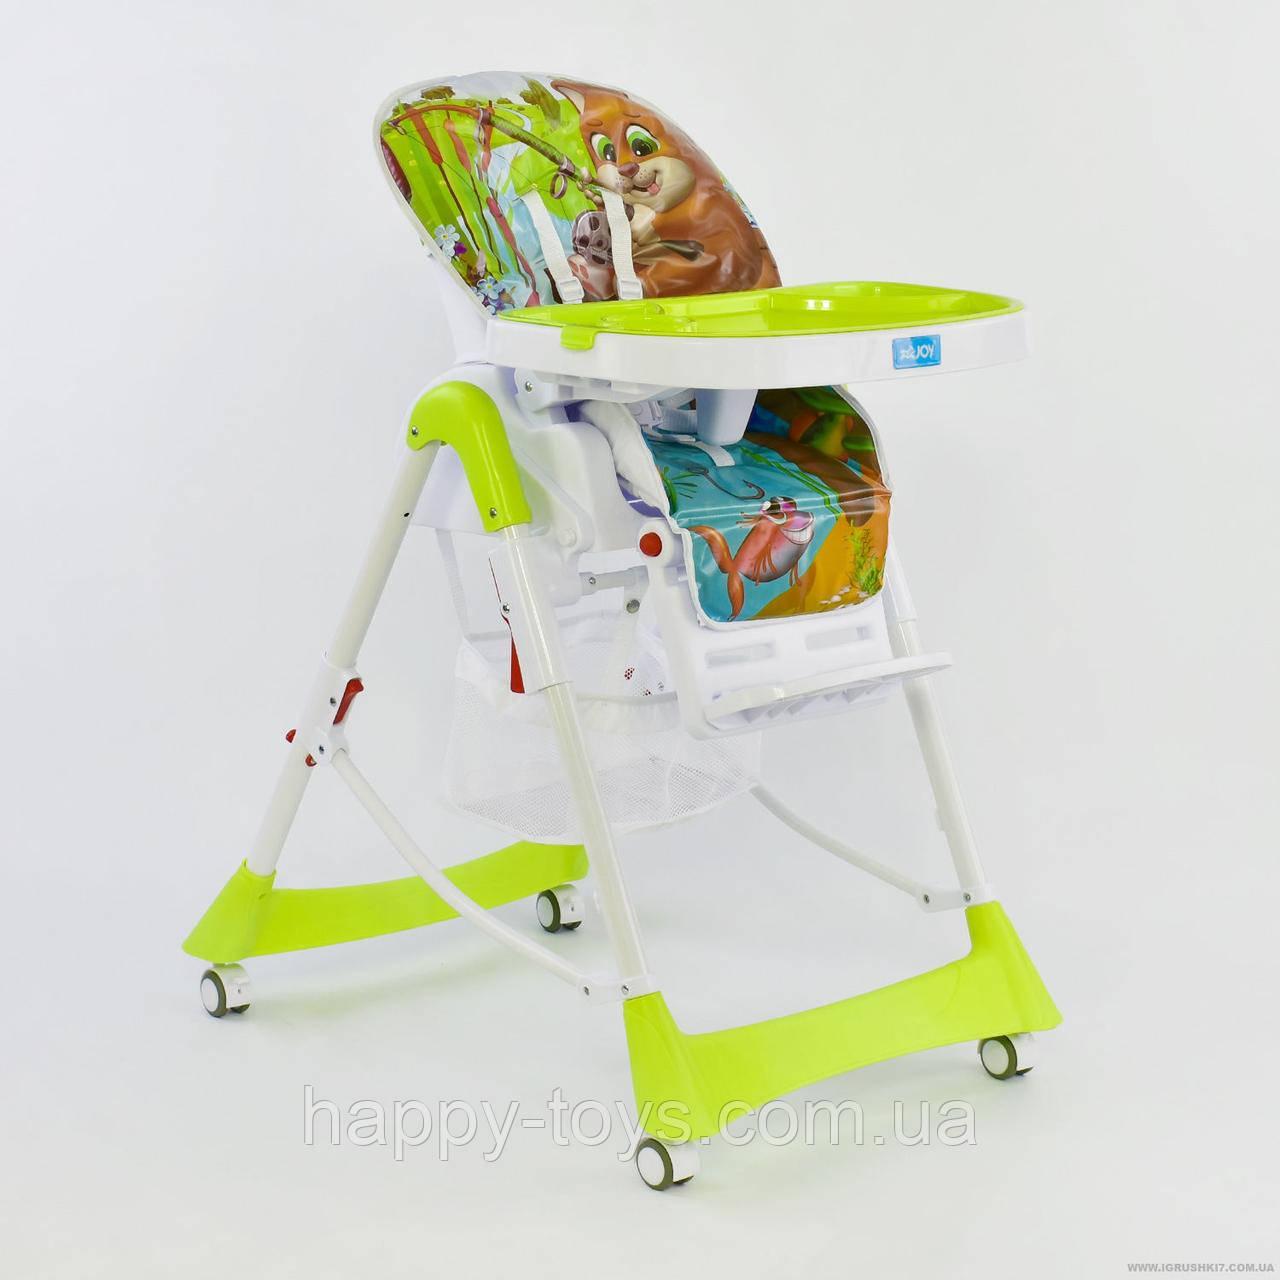 Детский стульчик для кормления салатовый JOY J 4100